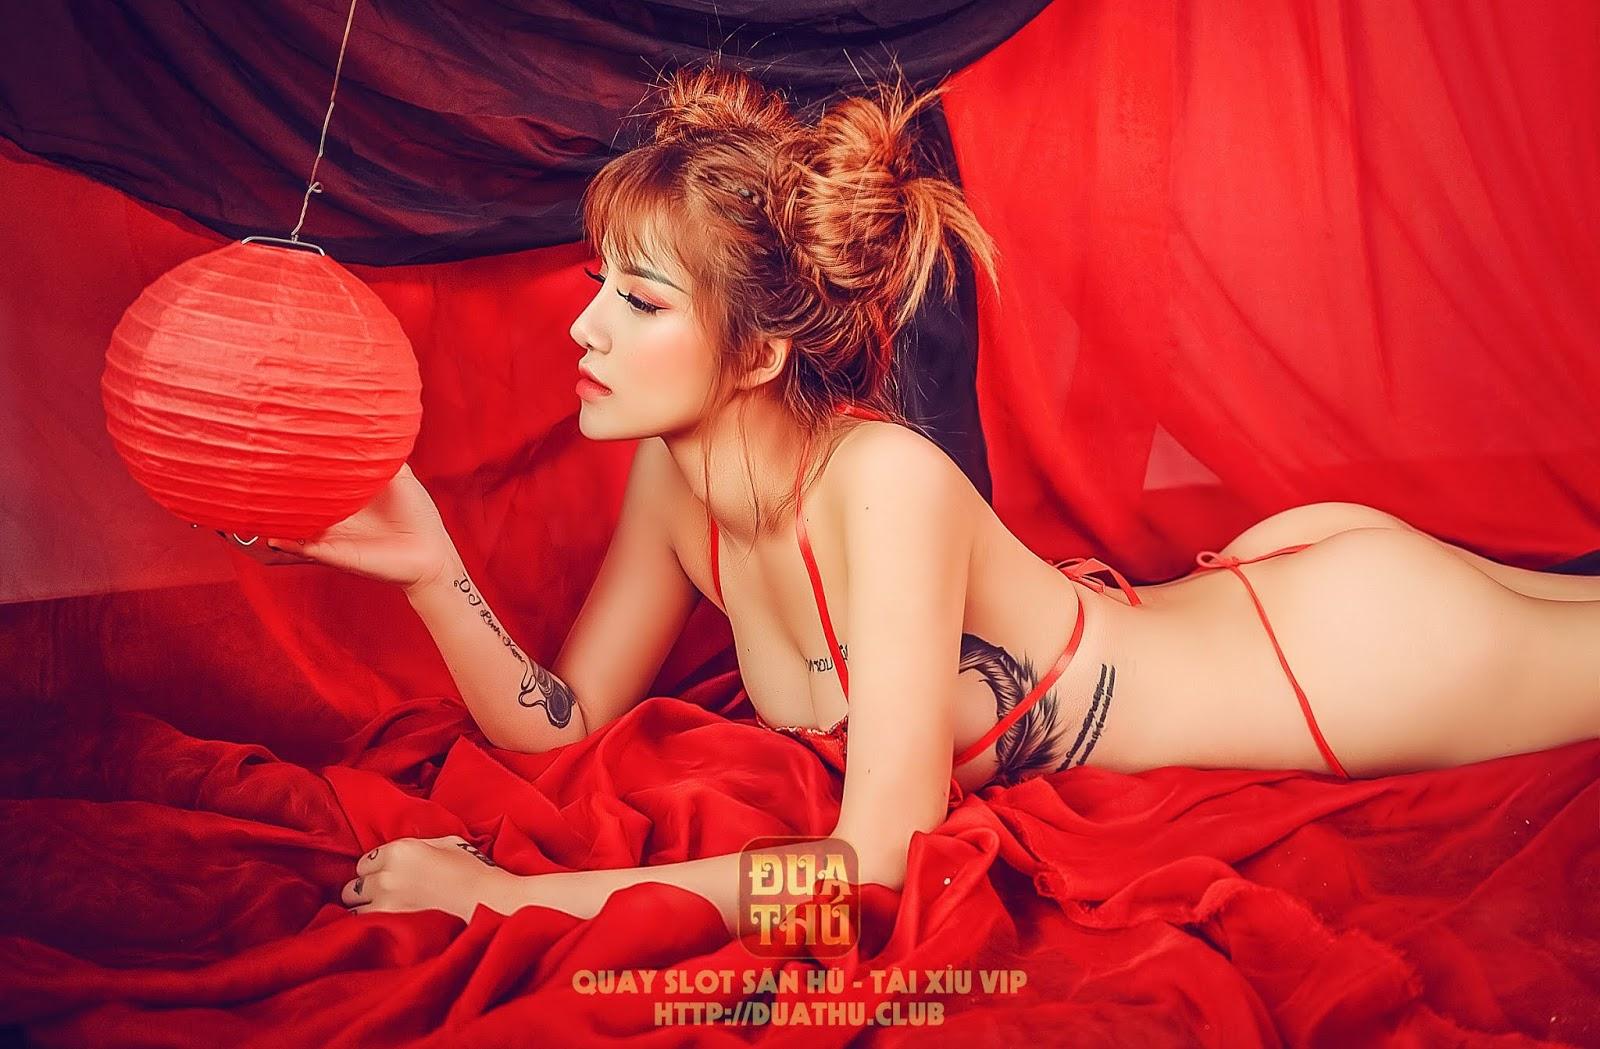 Ngắm Ảnh Gái Xinh Việt Nam Sexy Cực Gợi Cảm Quyến Rũ #4